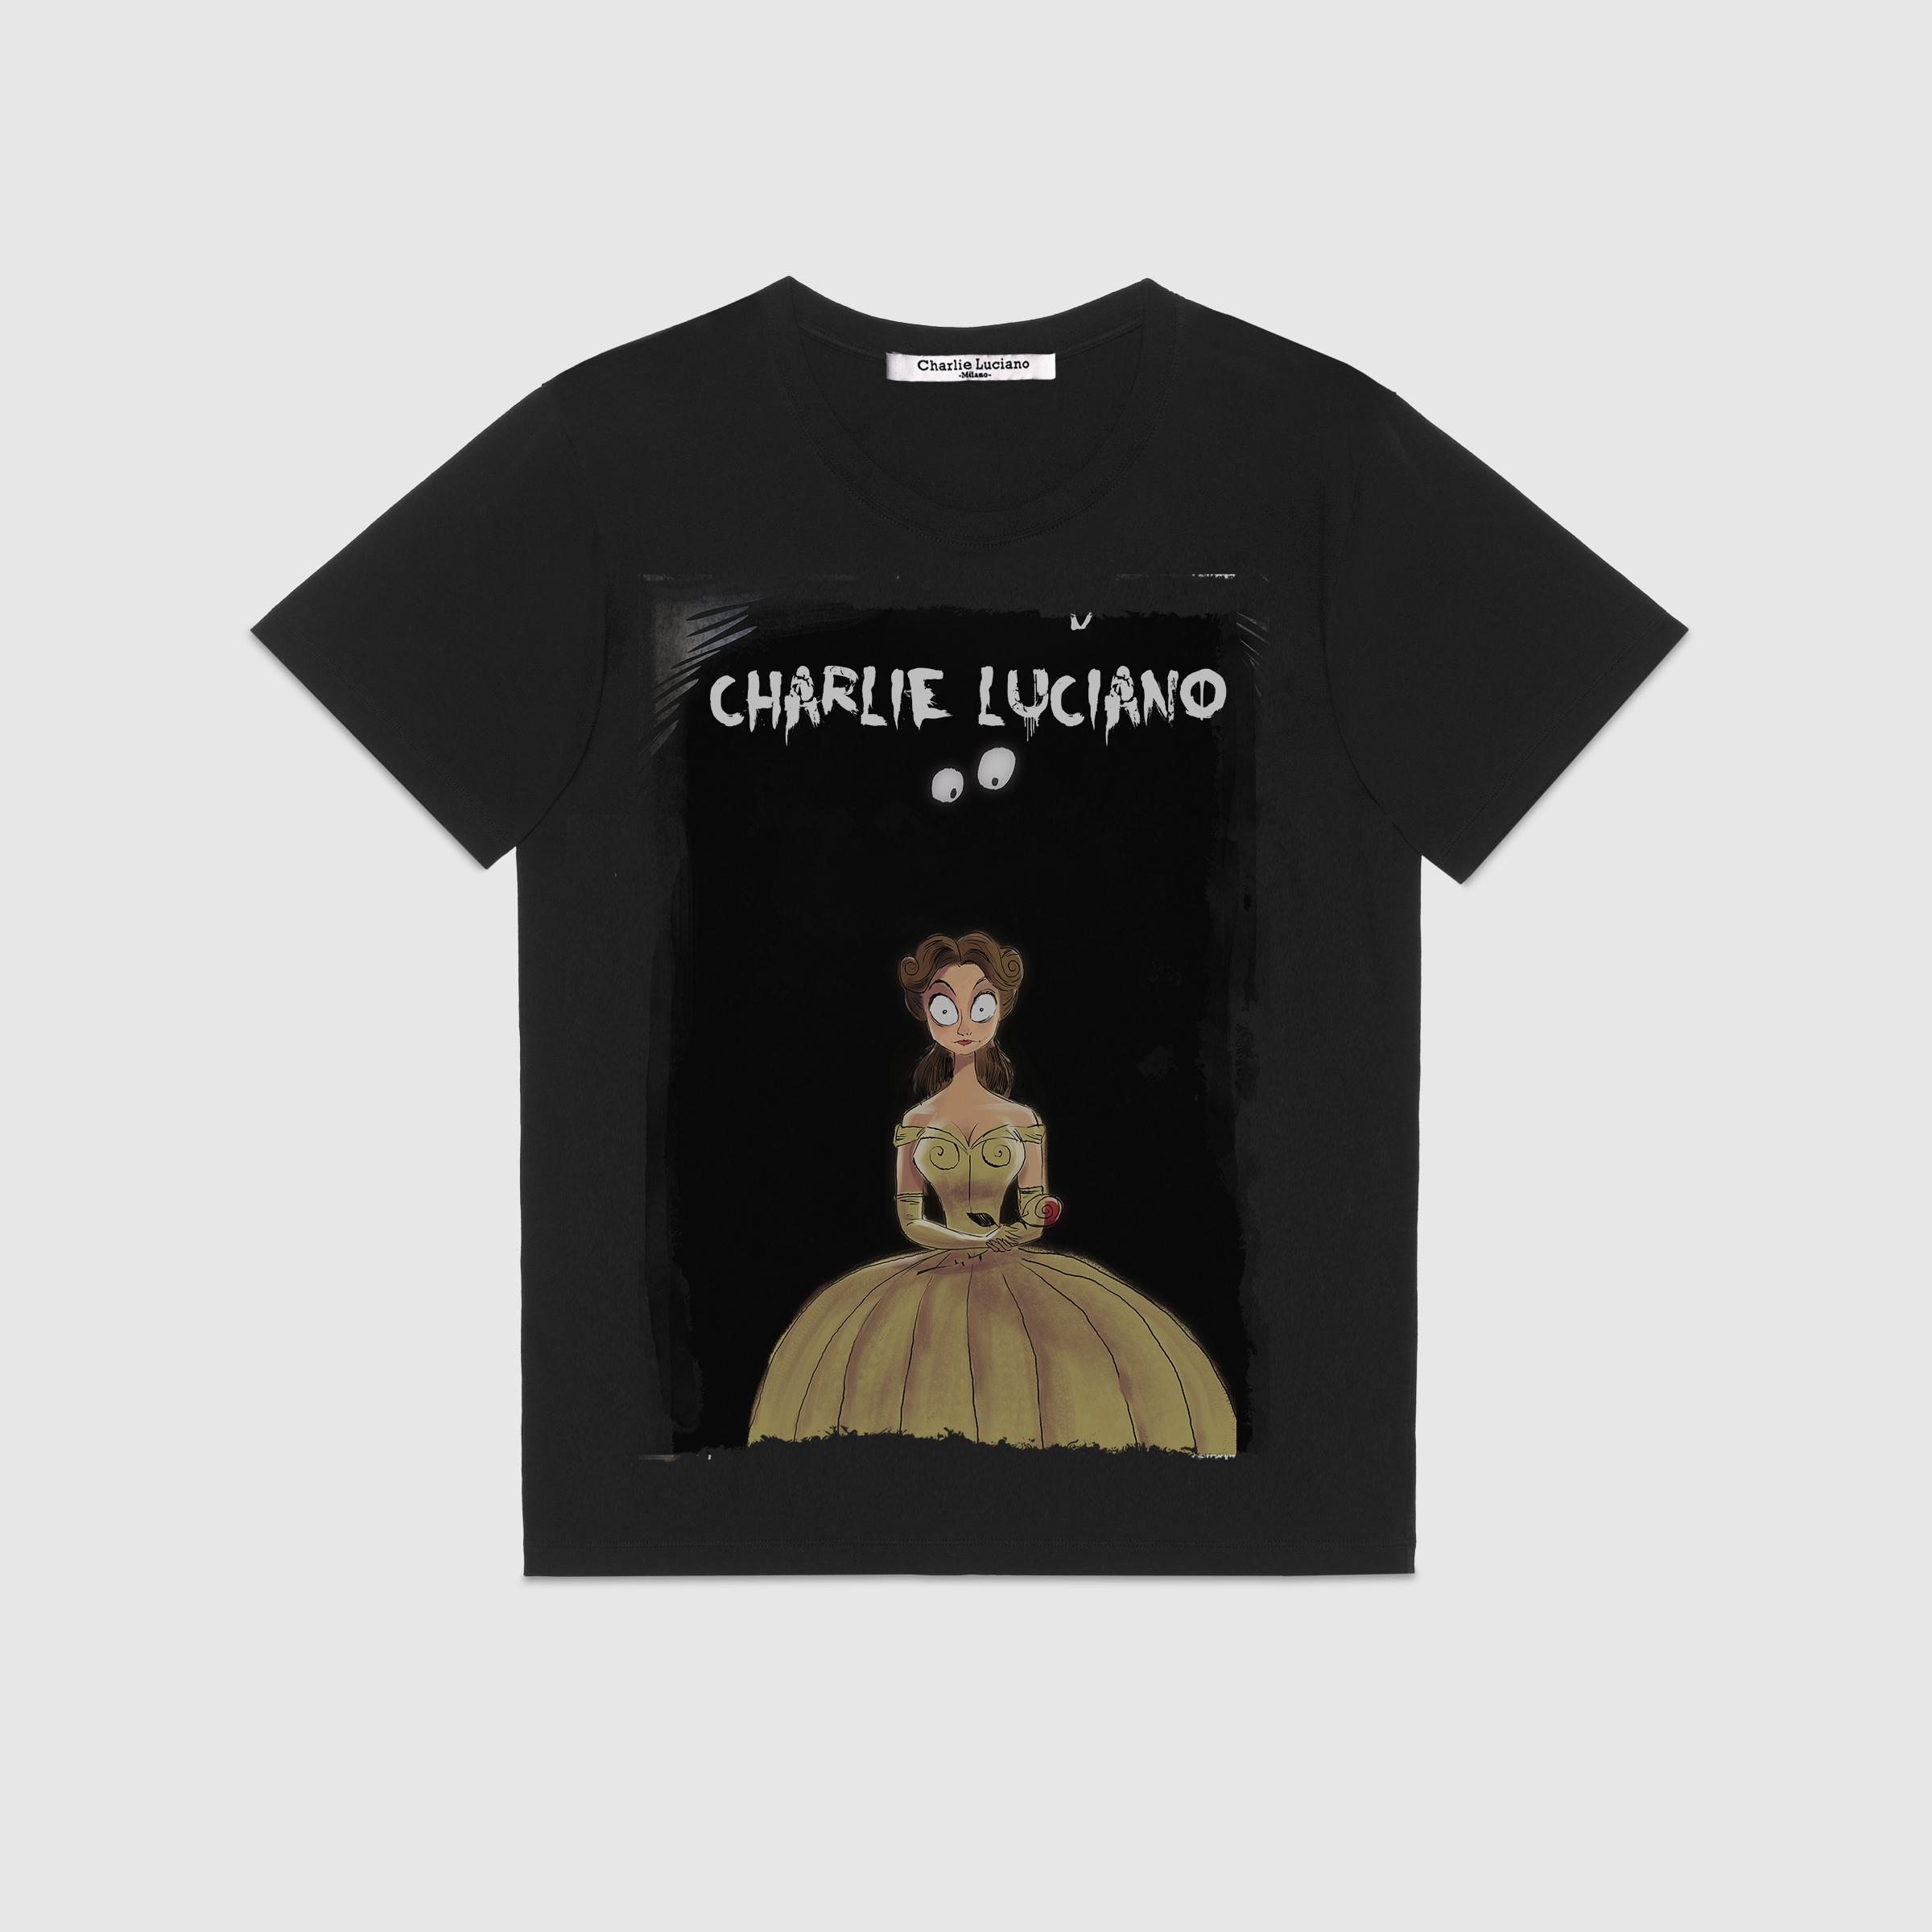 【海龟】潮品Charlie Luciano夏季新款美女与野兽插画圆领短袖t恤